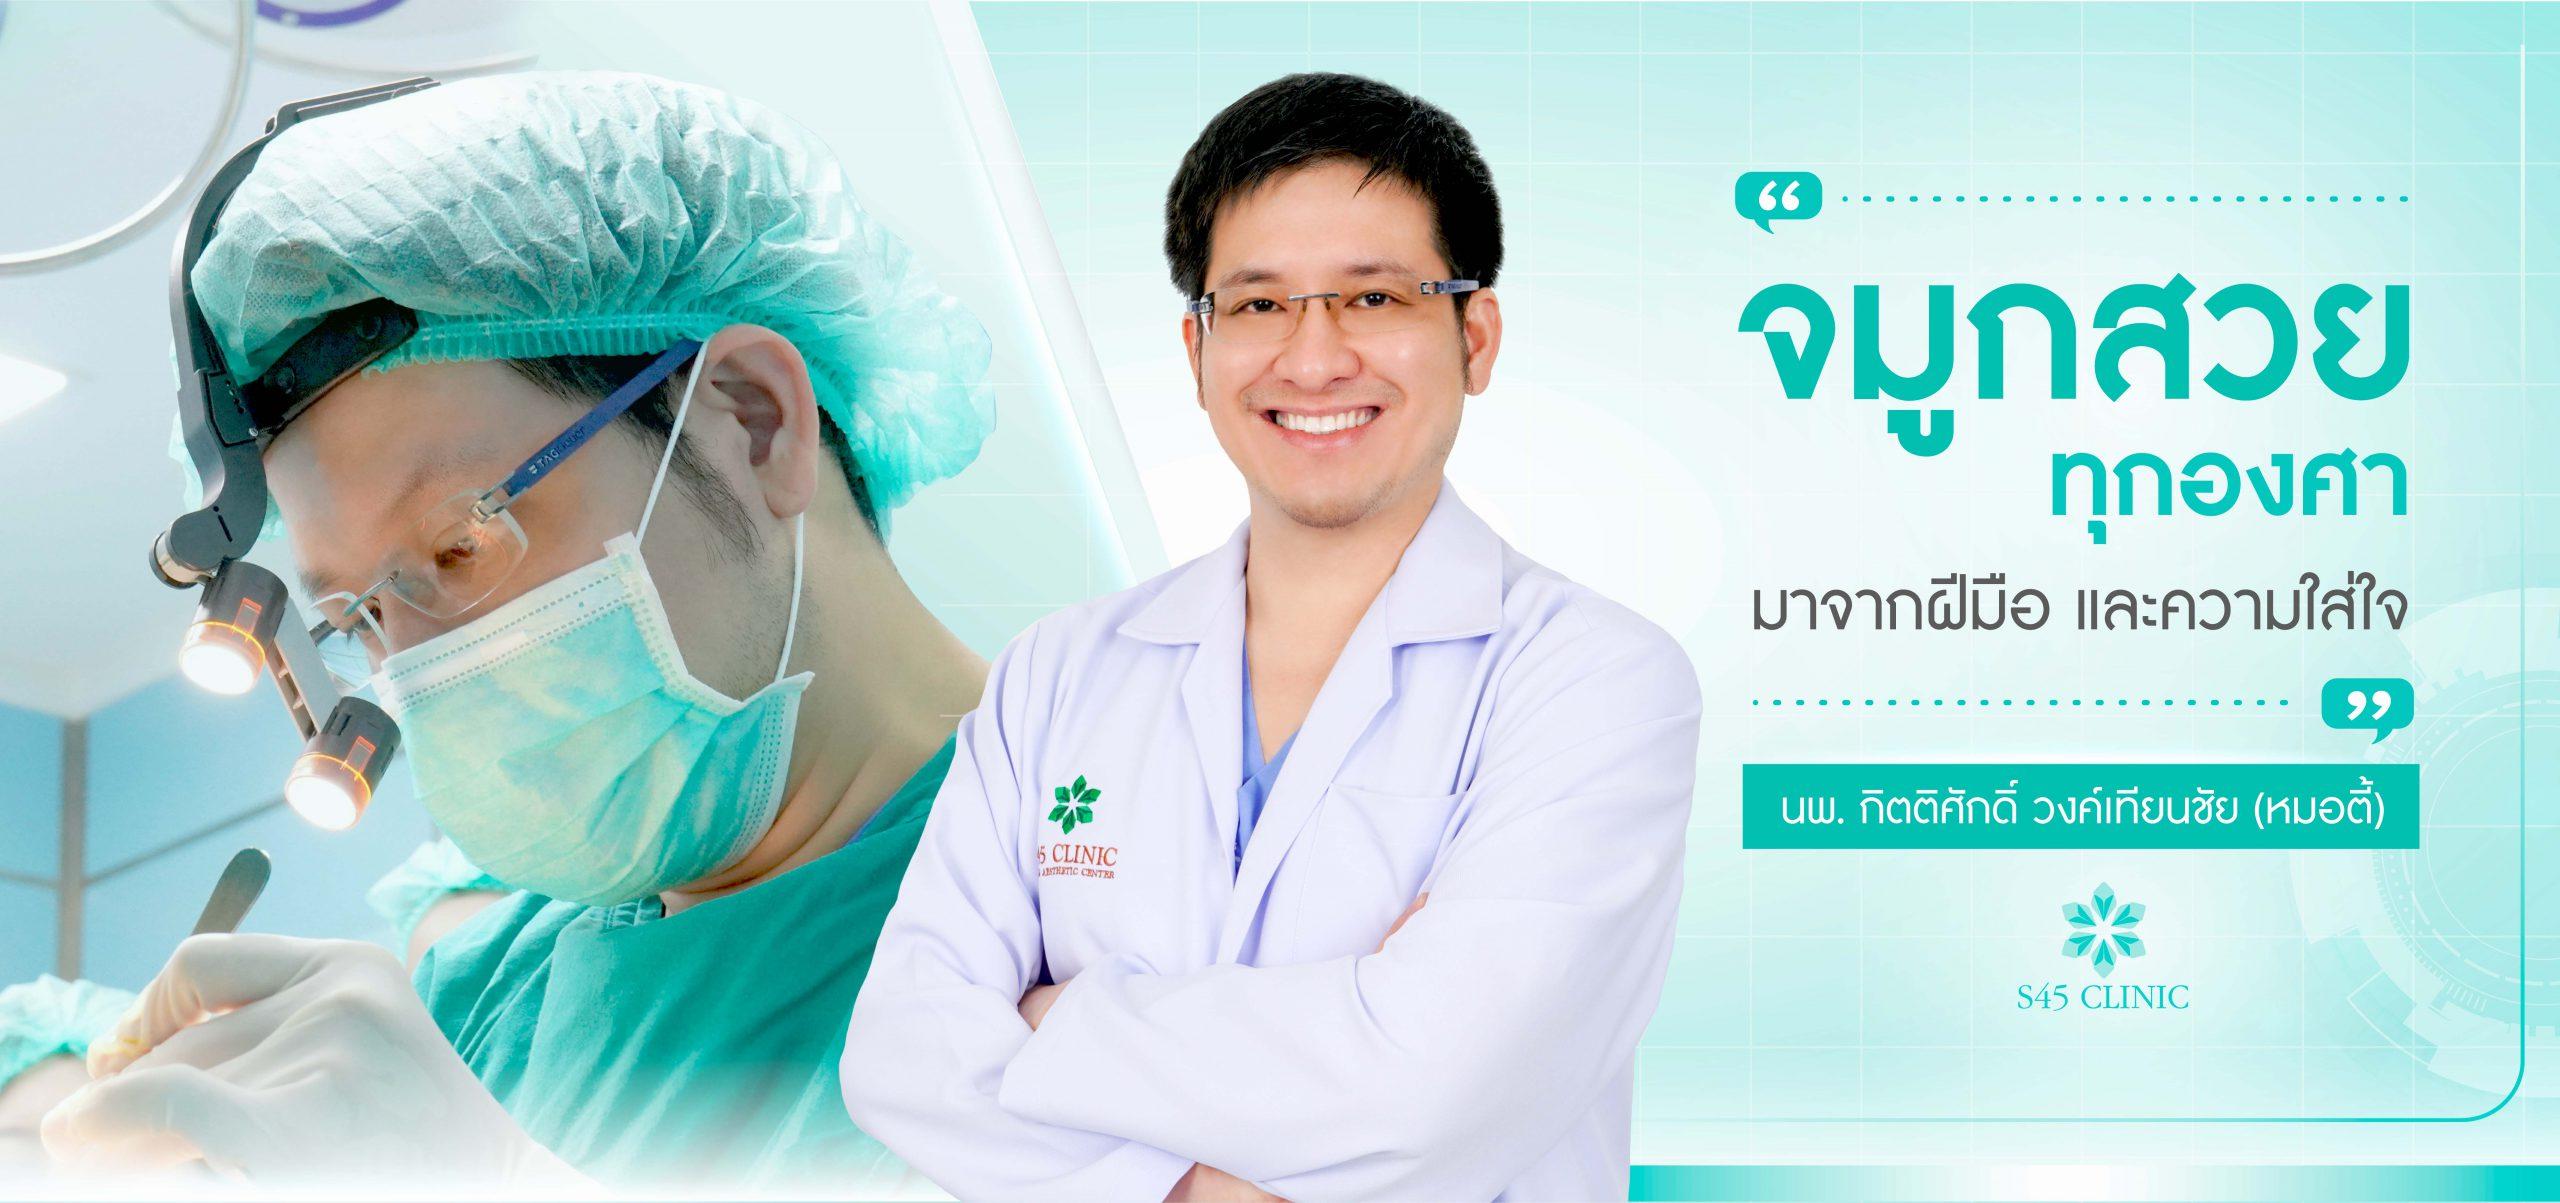 หมอตี้